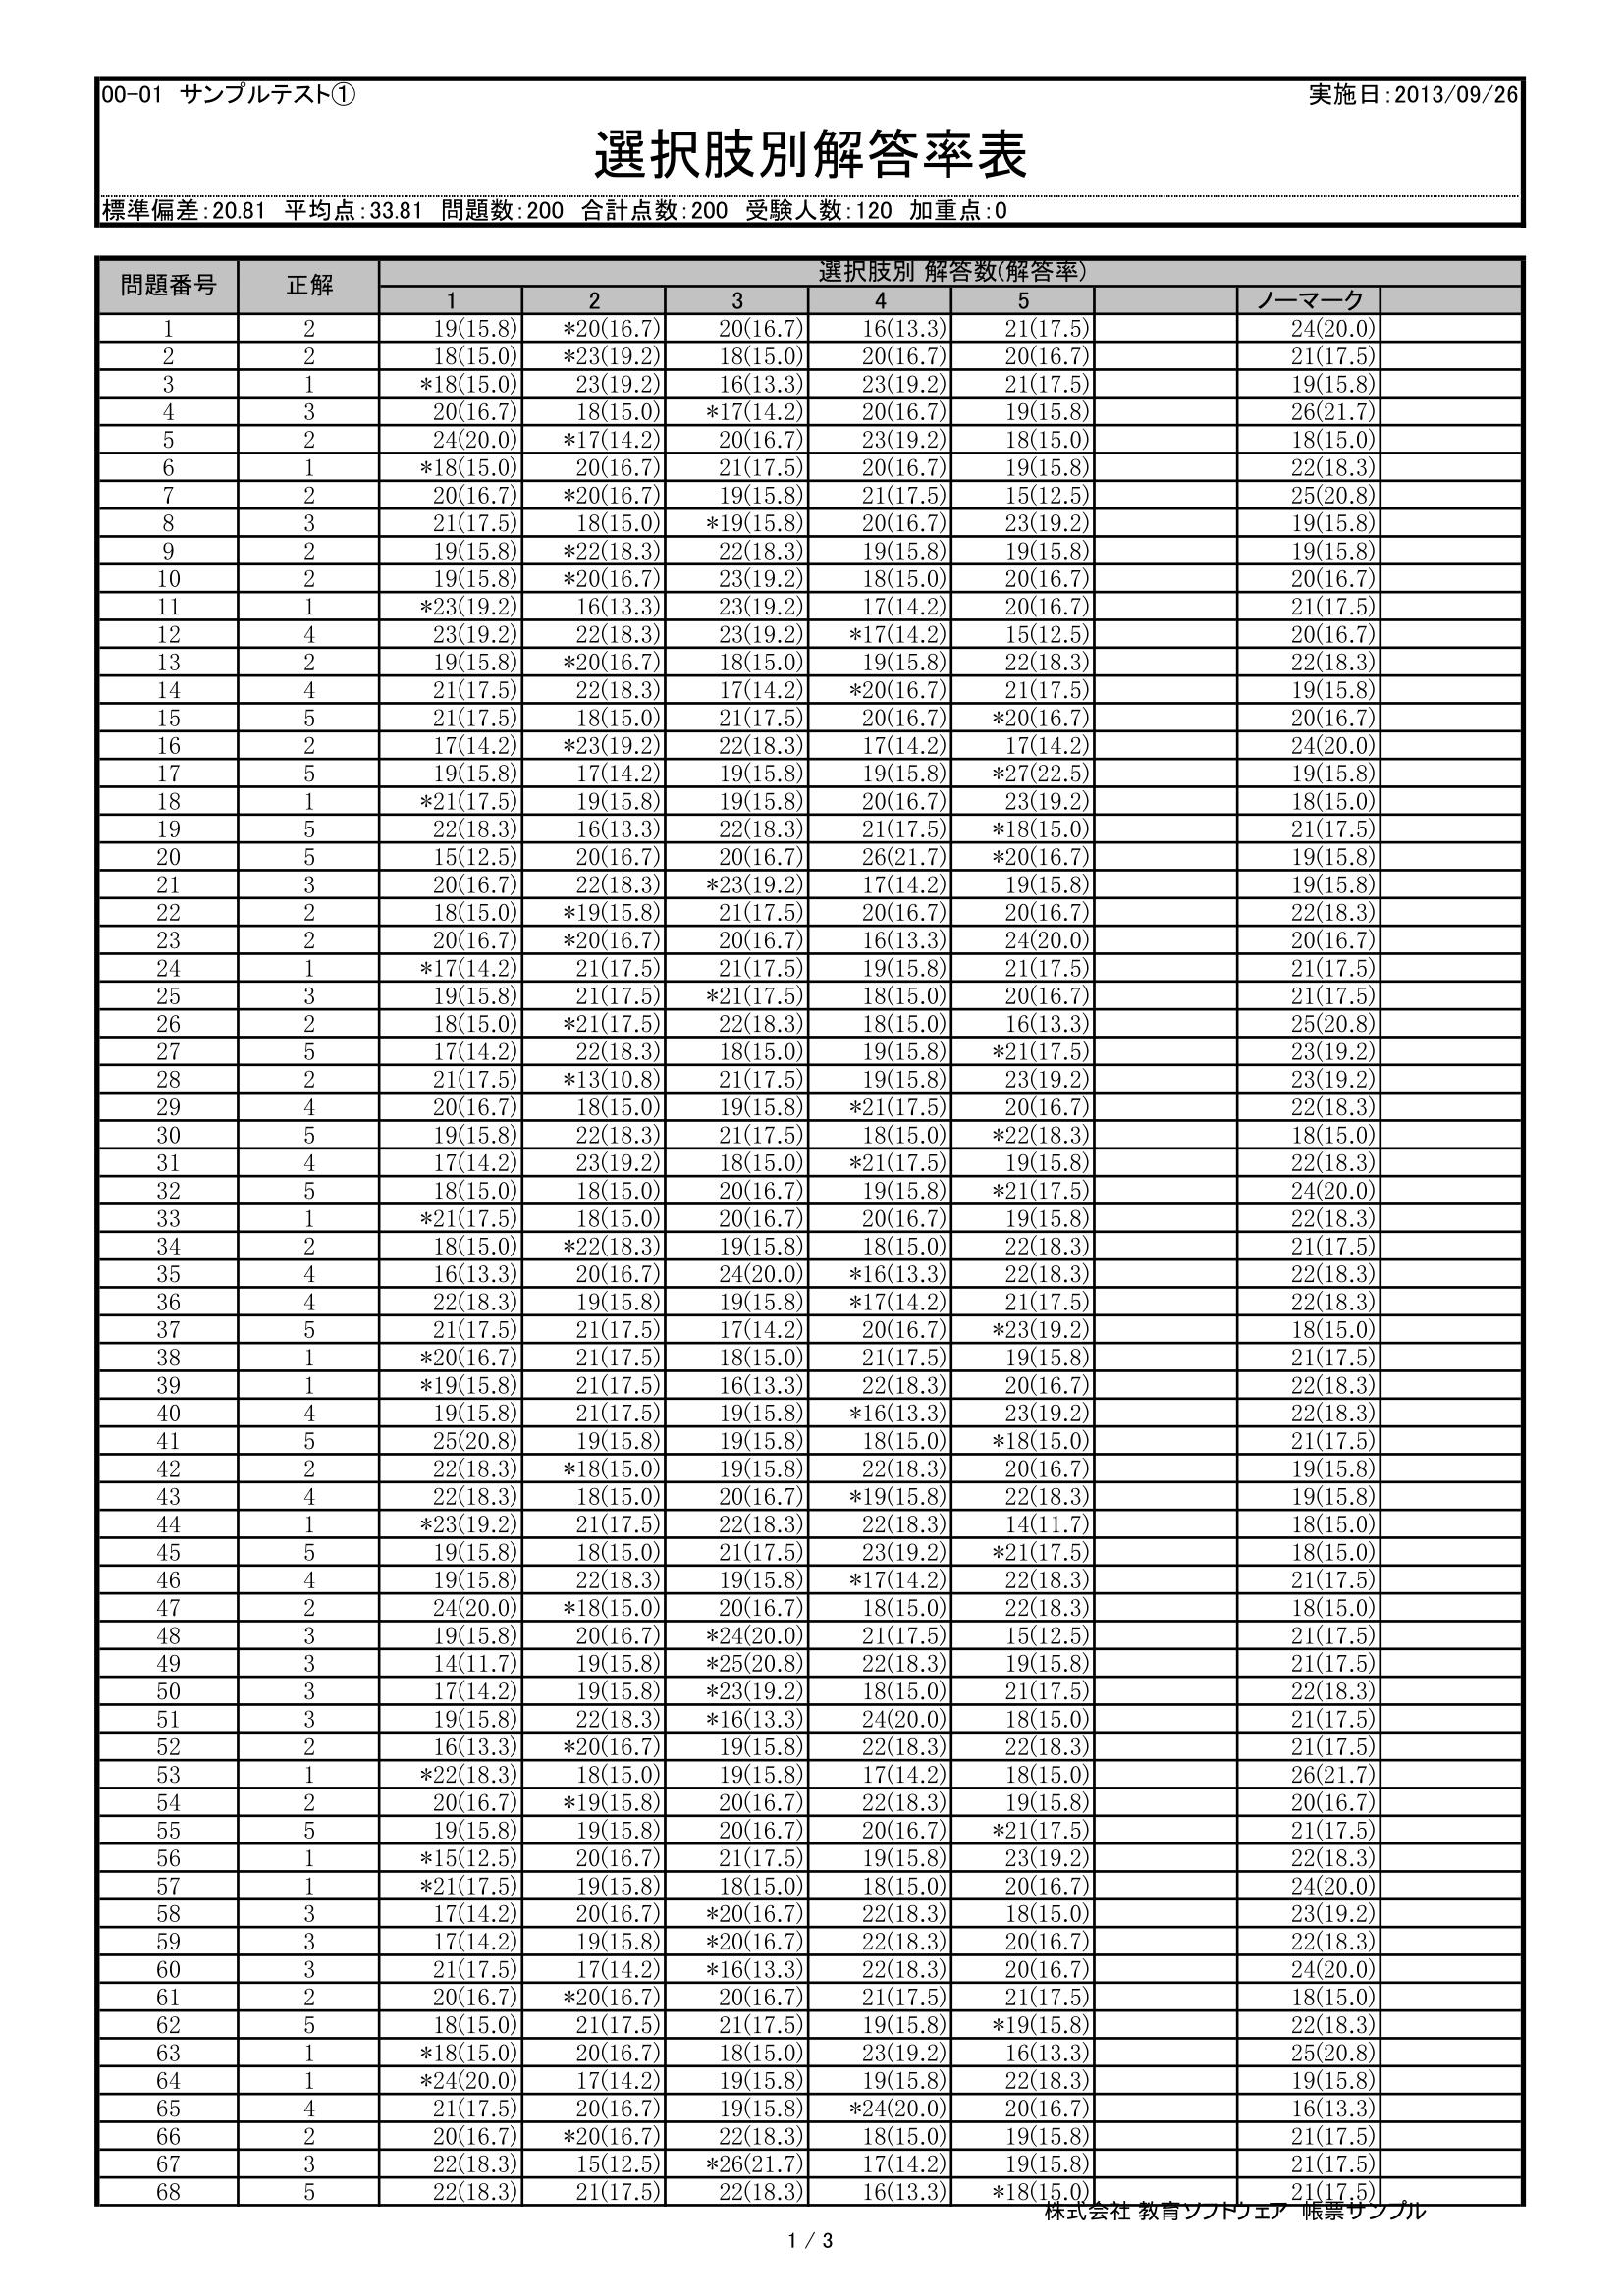 採点ソフトサンプル帳票-選択肢別解答率表